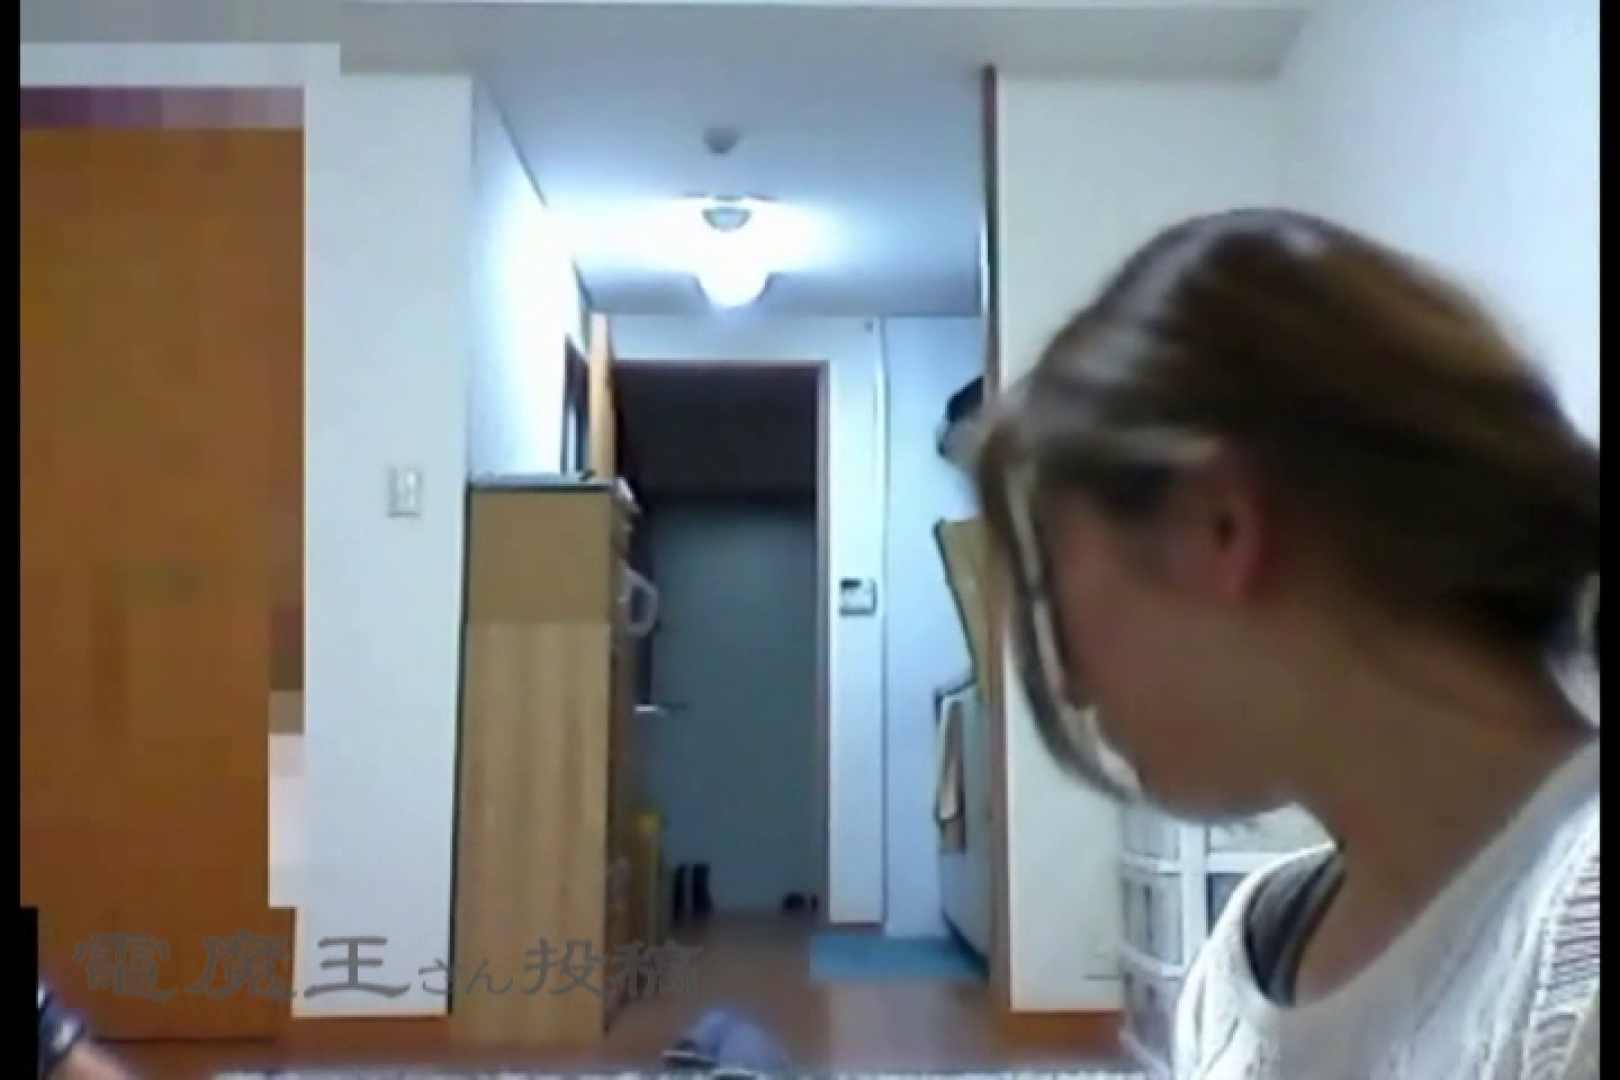 電魔王さんの「隠撮の部屋」カエデ 隠撮  64pic 46